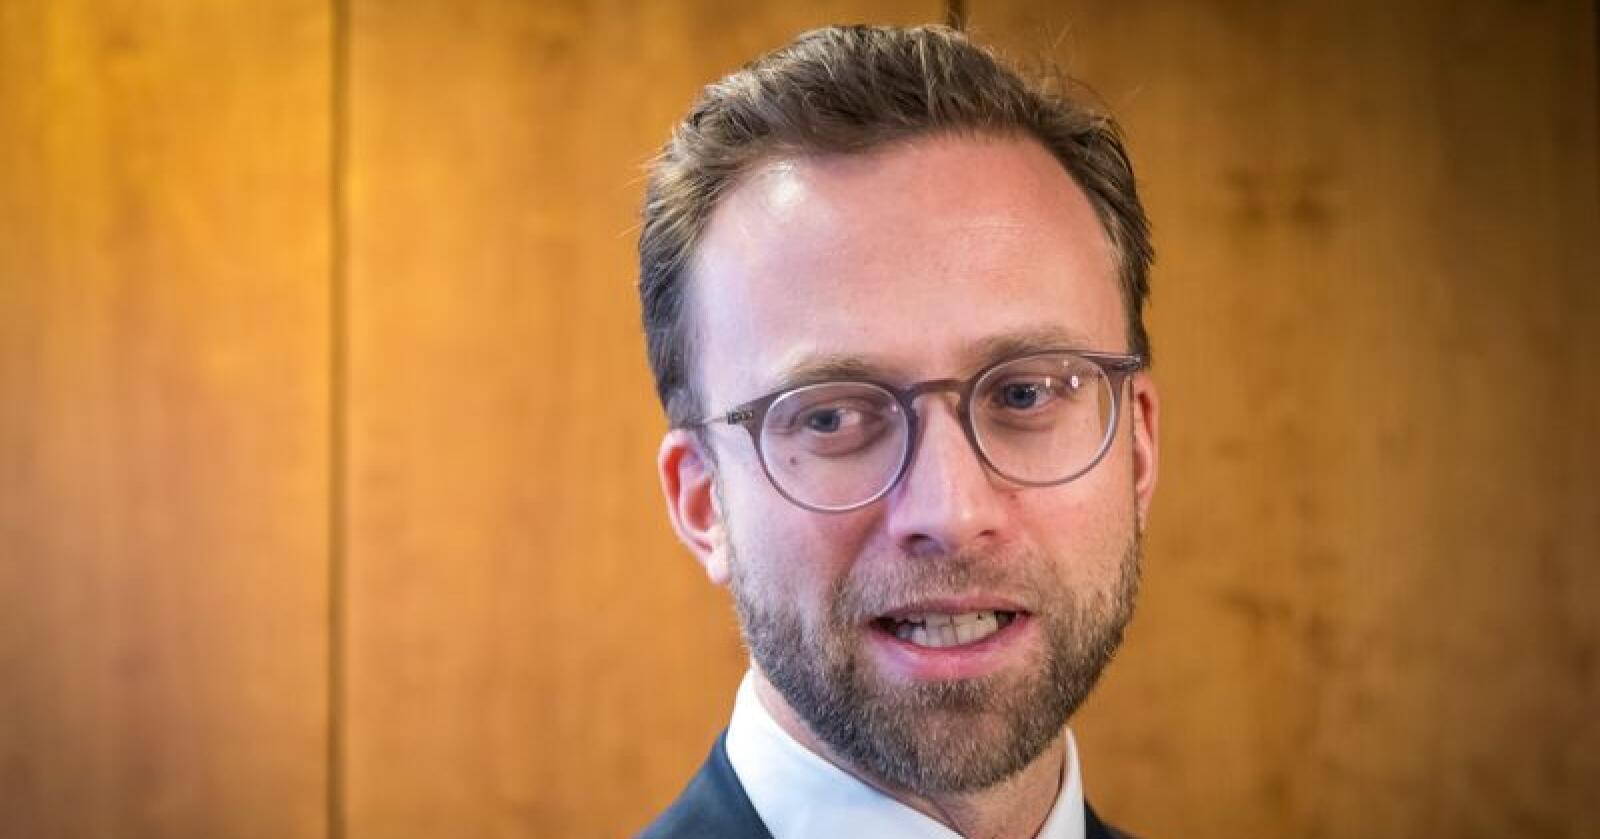 Digitaliseringsminister Nikolai Astrup (H) vil innføre lovhjemmel for leveringsplikt for bredbånd. Det må til for at Norge skal kunne ta ut det fulle potensialet som ligger i digitalisering og ny teknologi, mener han. Foto: Heiko Junge / NTB scanpix